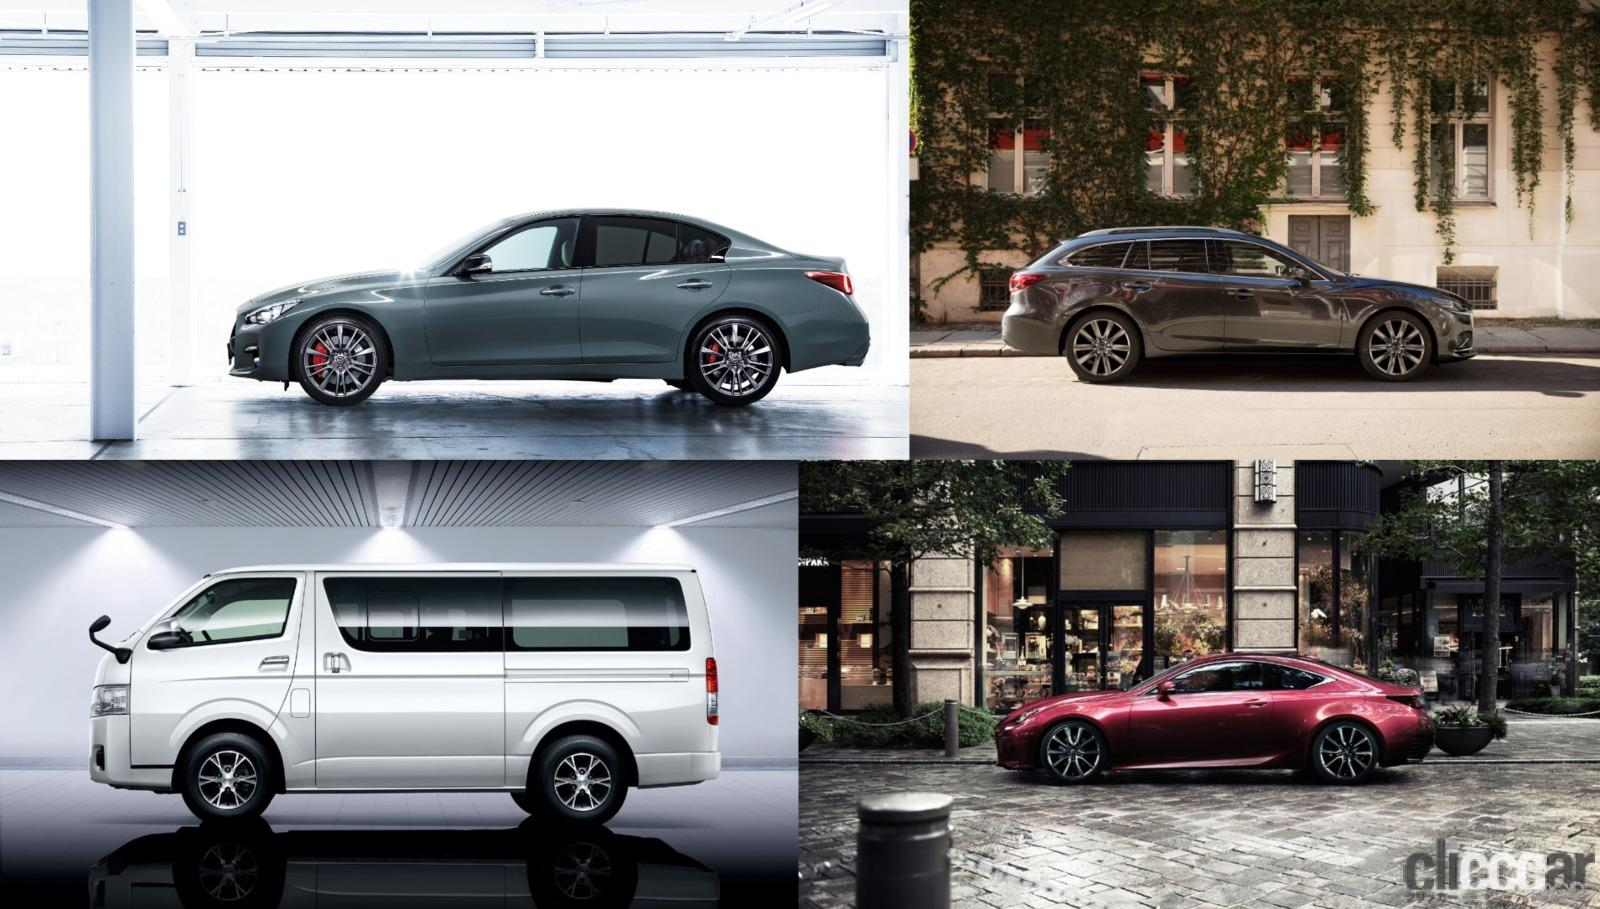 セダン?ワゴン?自動車のボディタイプ、形状、種類、語源について調べてみた